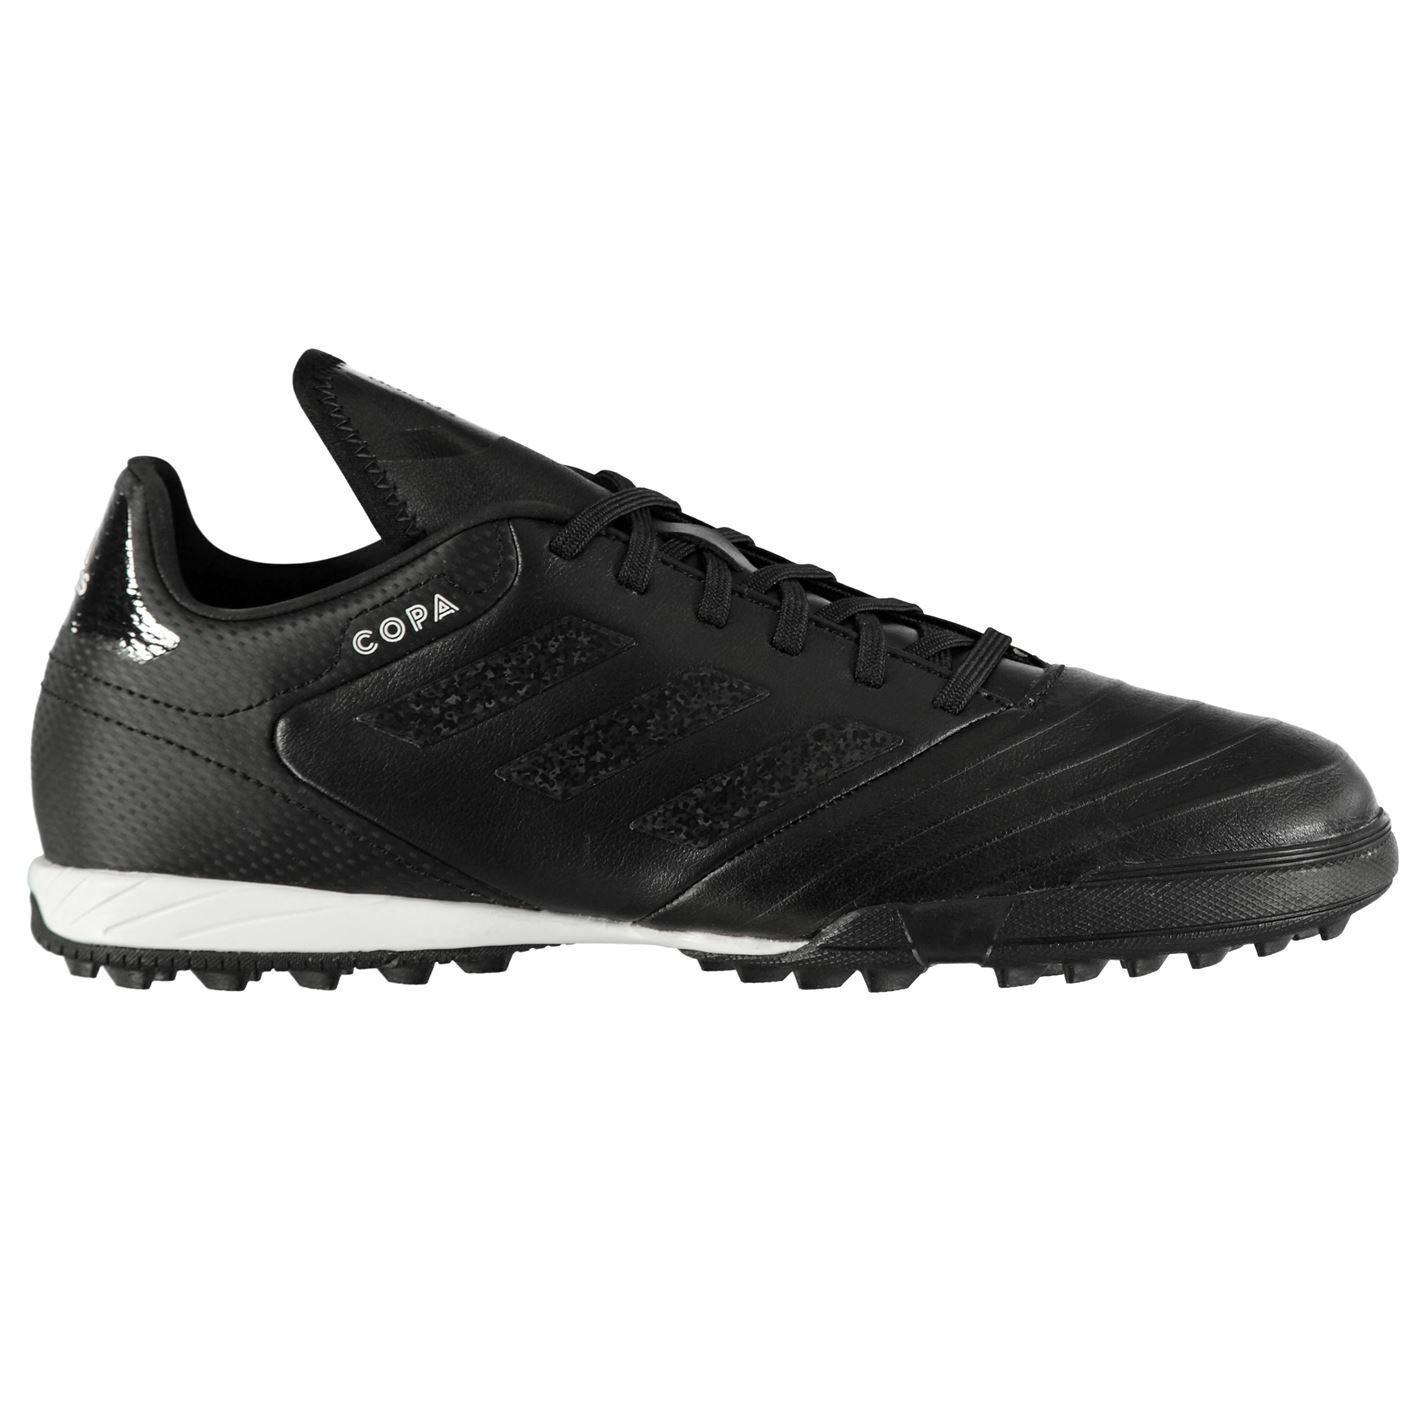 Adidas para hombre Copa Tango 18.3 Astro Turf Entrenadores De Fútbol botas Con Cordones Acolchado